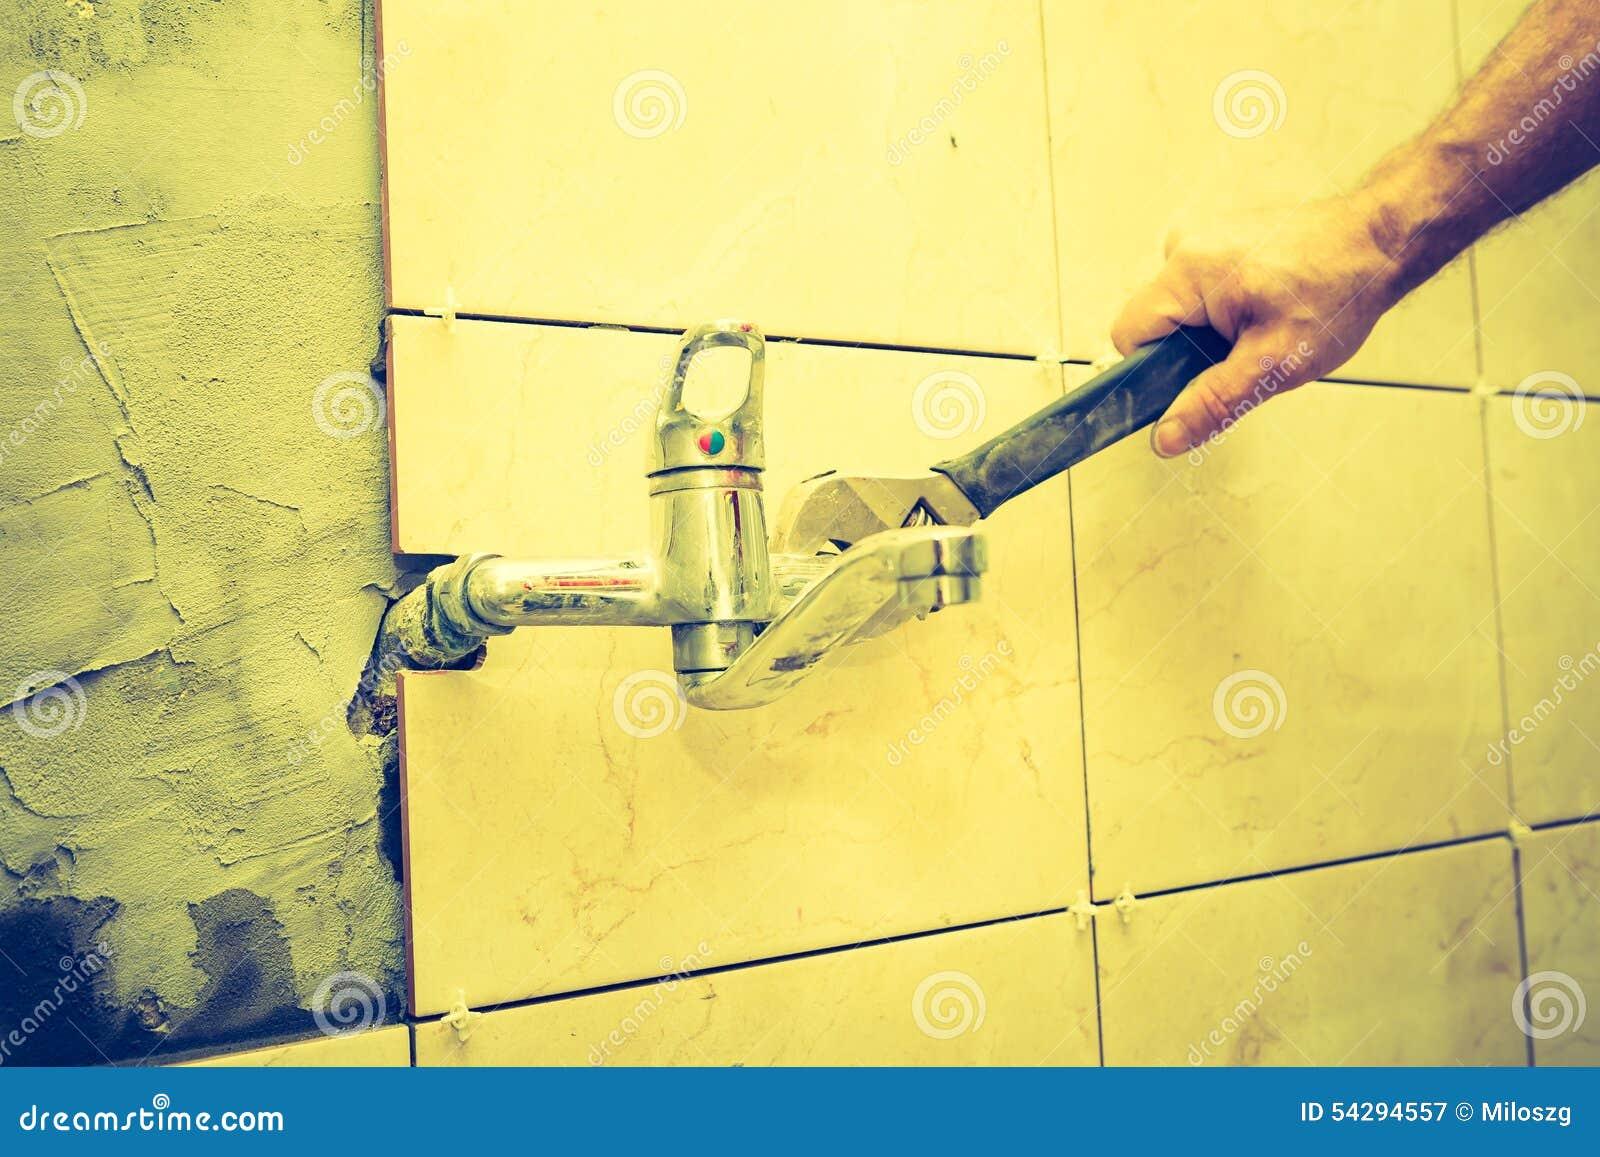 Manipulating women, Vintage plumber